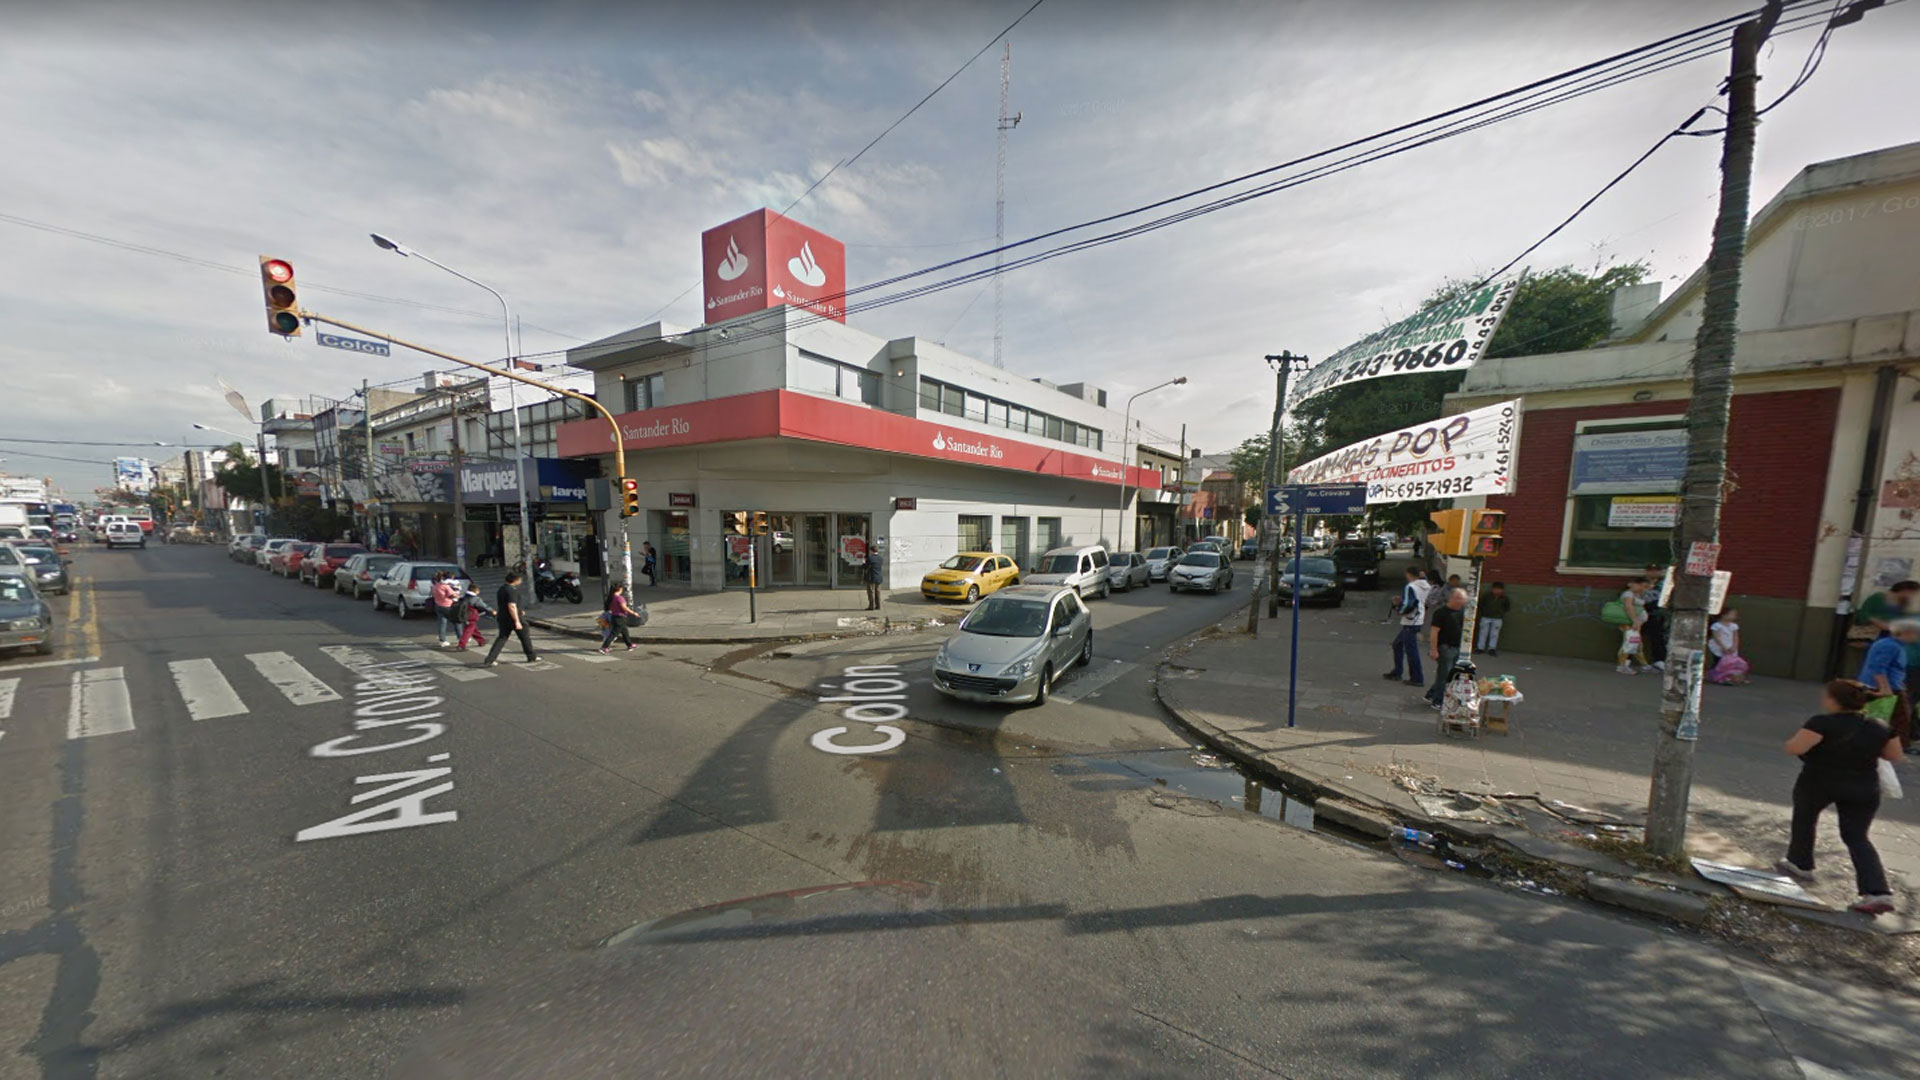 Sucursal del Banco Santander Río de La Tablada